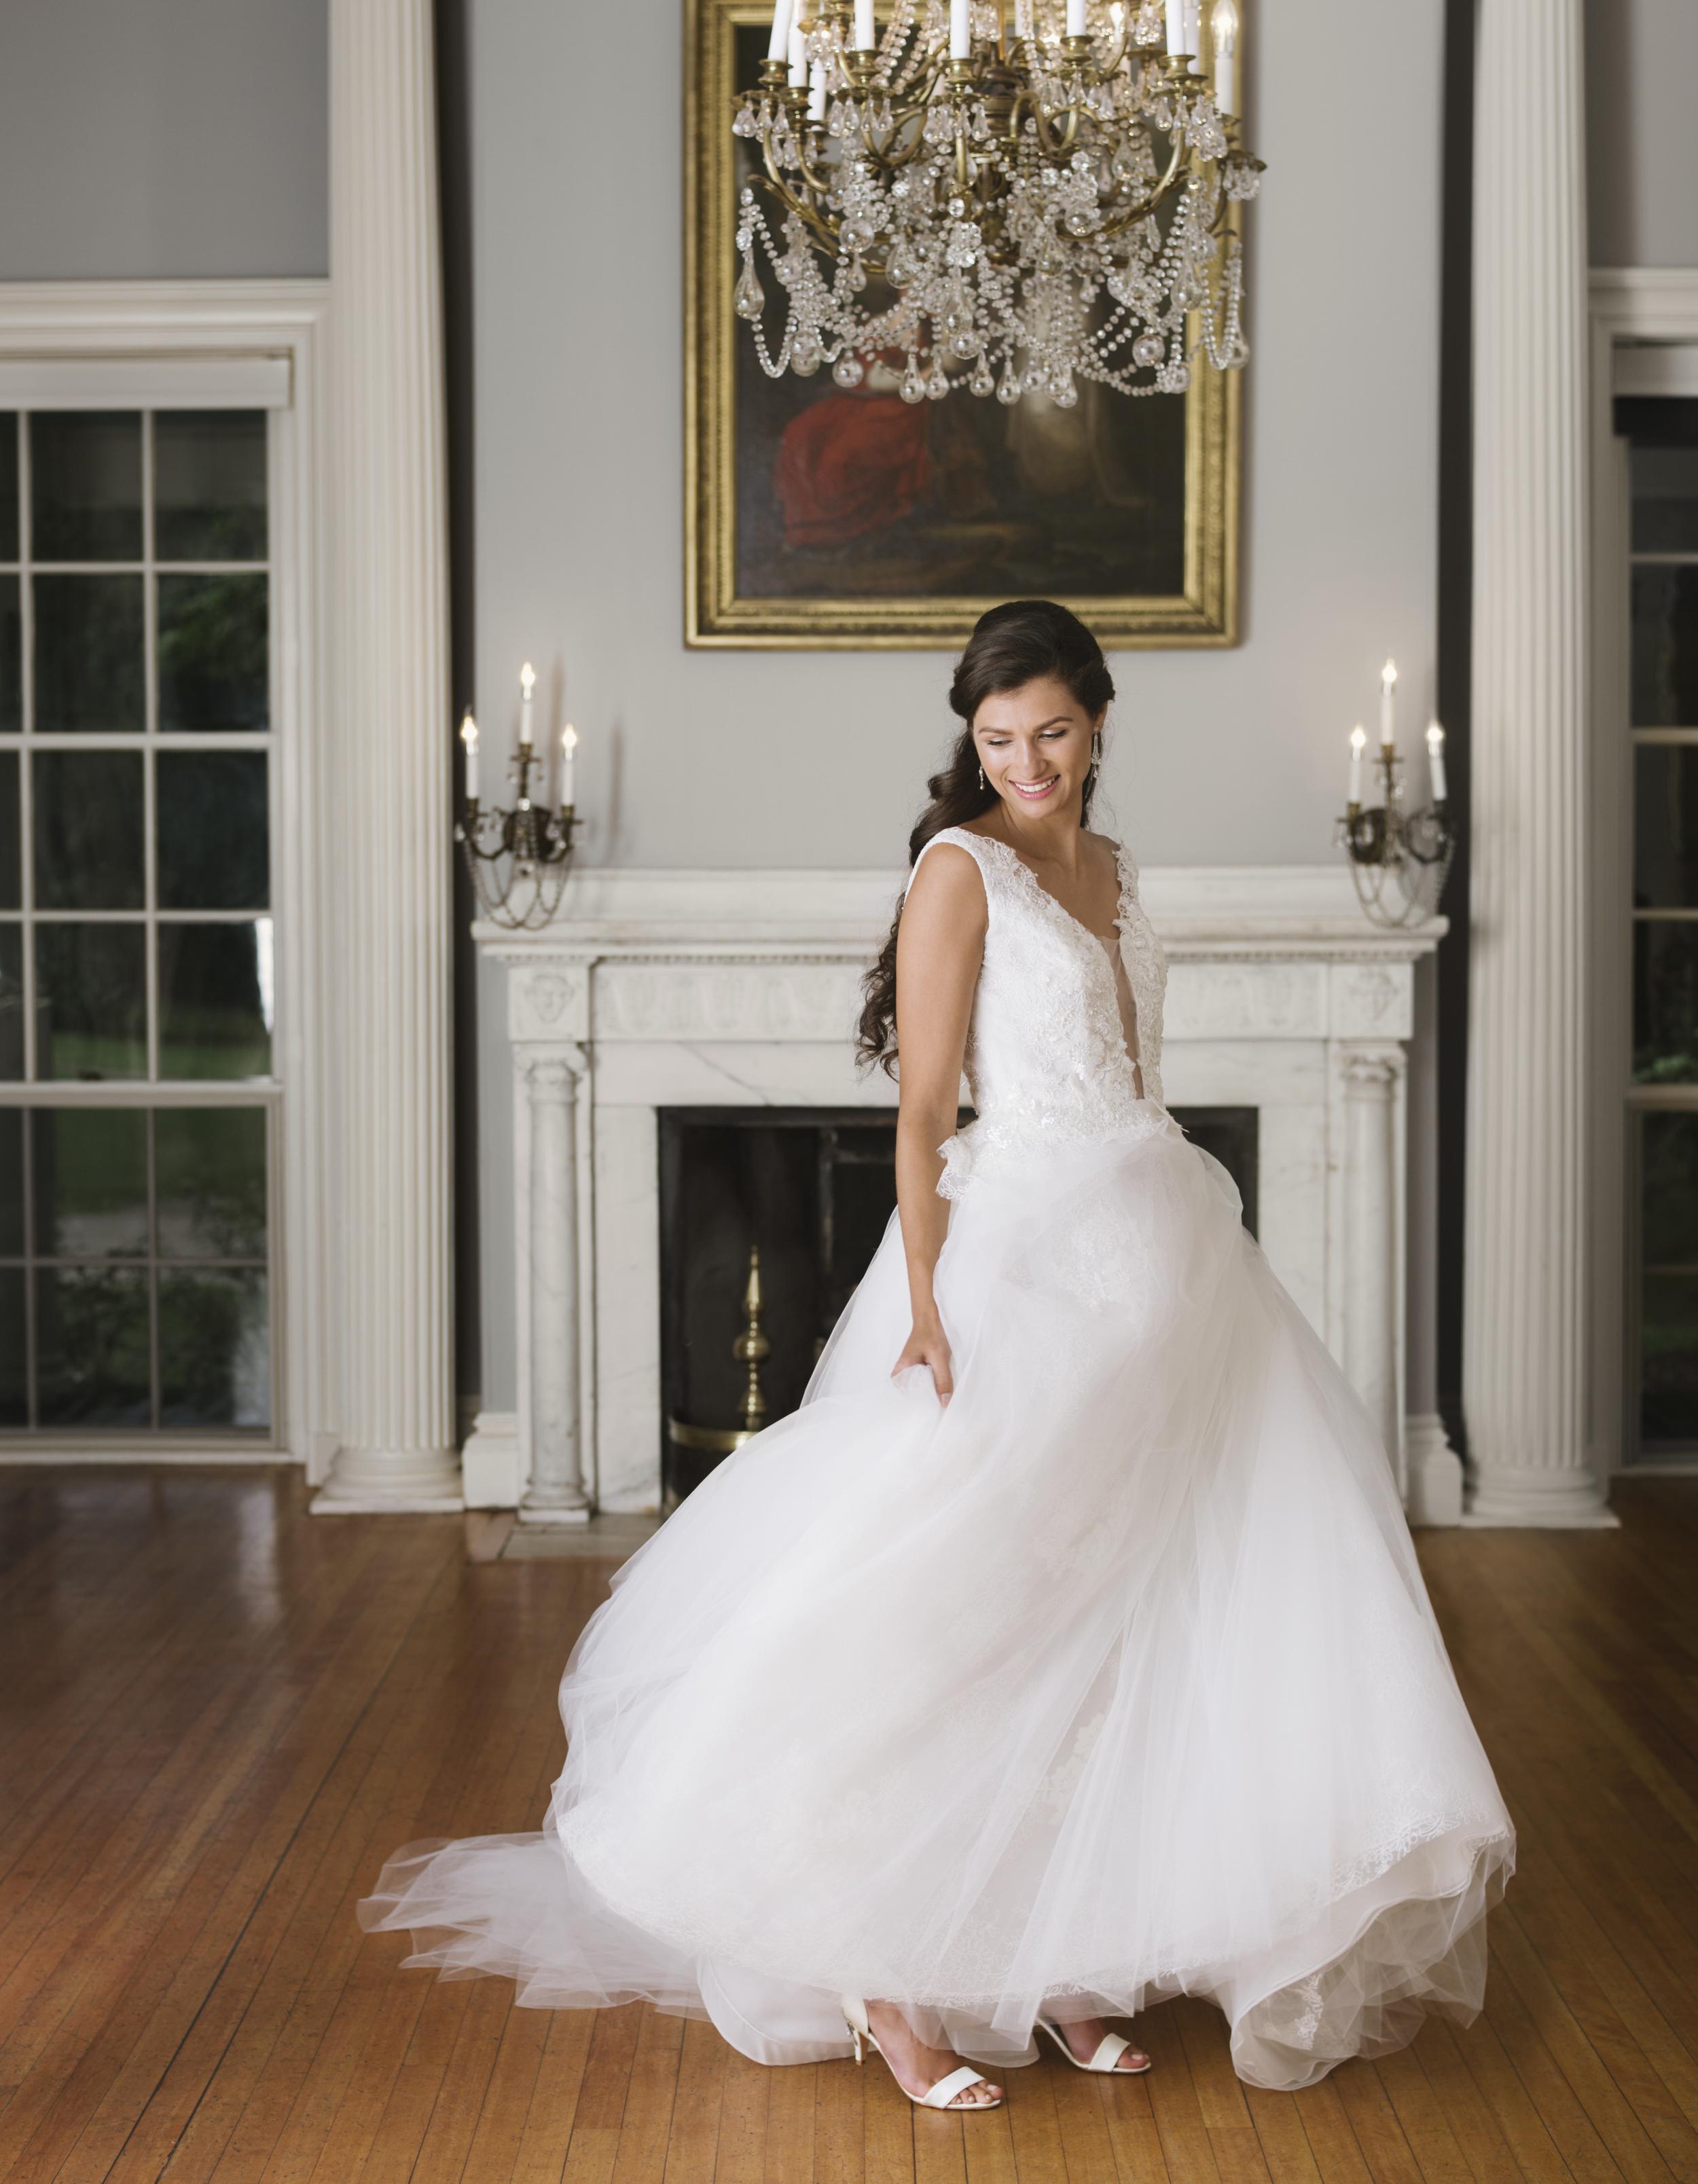 Wedding_Improper_Katie_Noble002.jpg